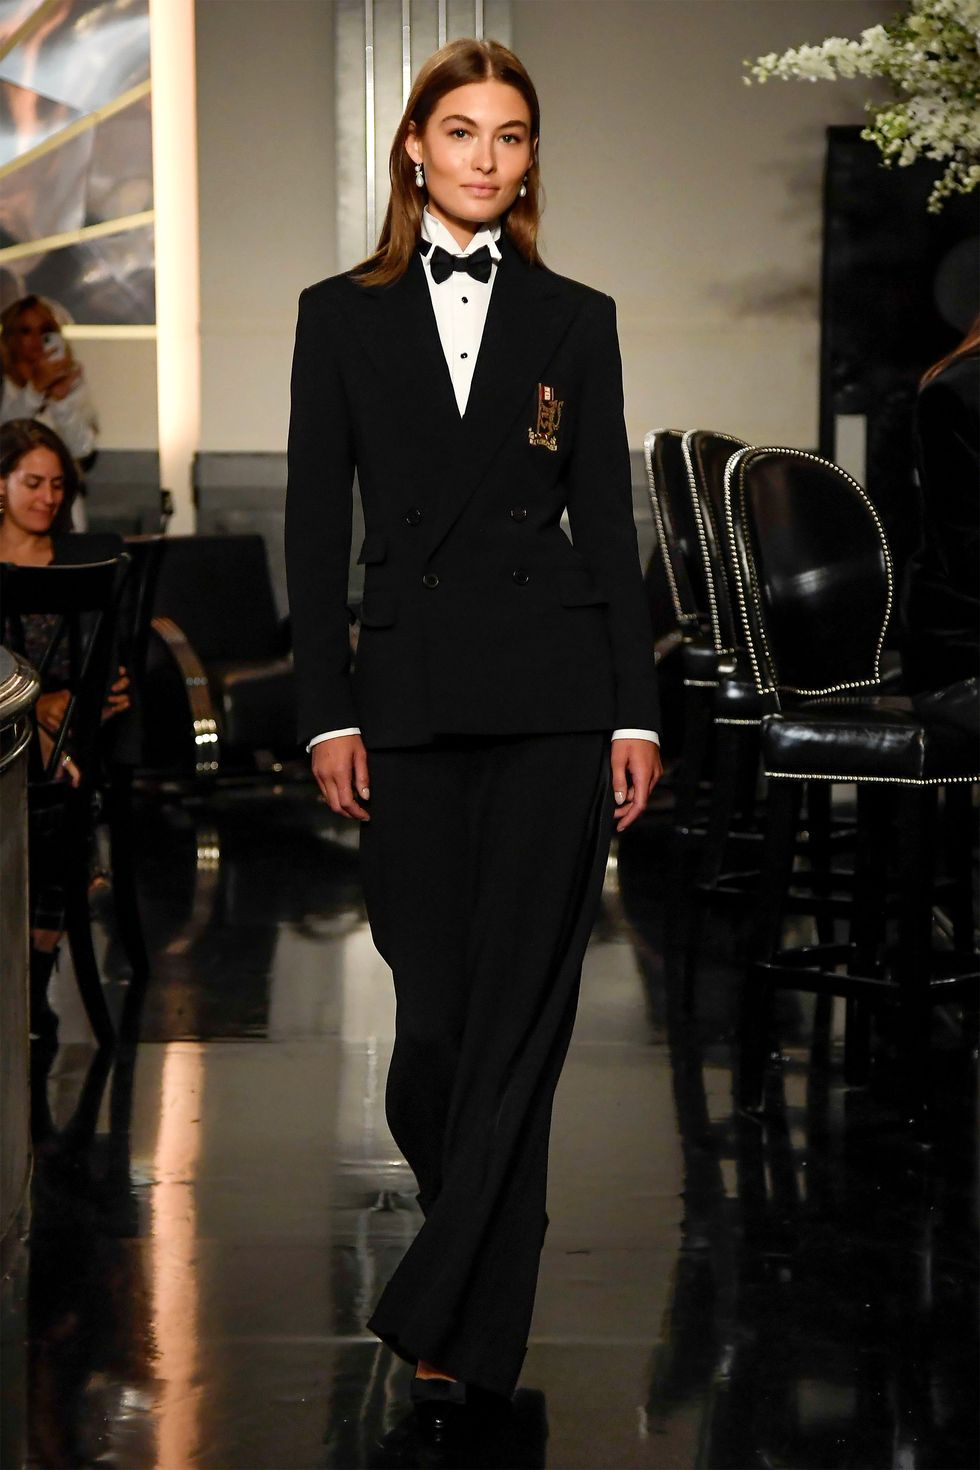 بدلة نسائية مميزة من اللون الأسود من تصميم رالف لورين 2020